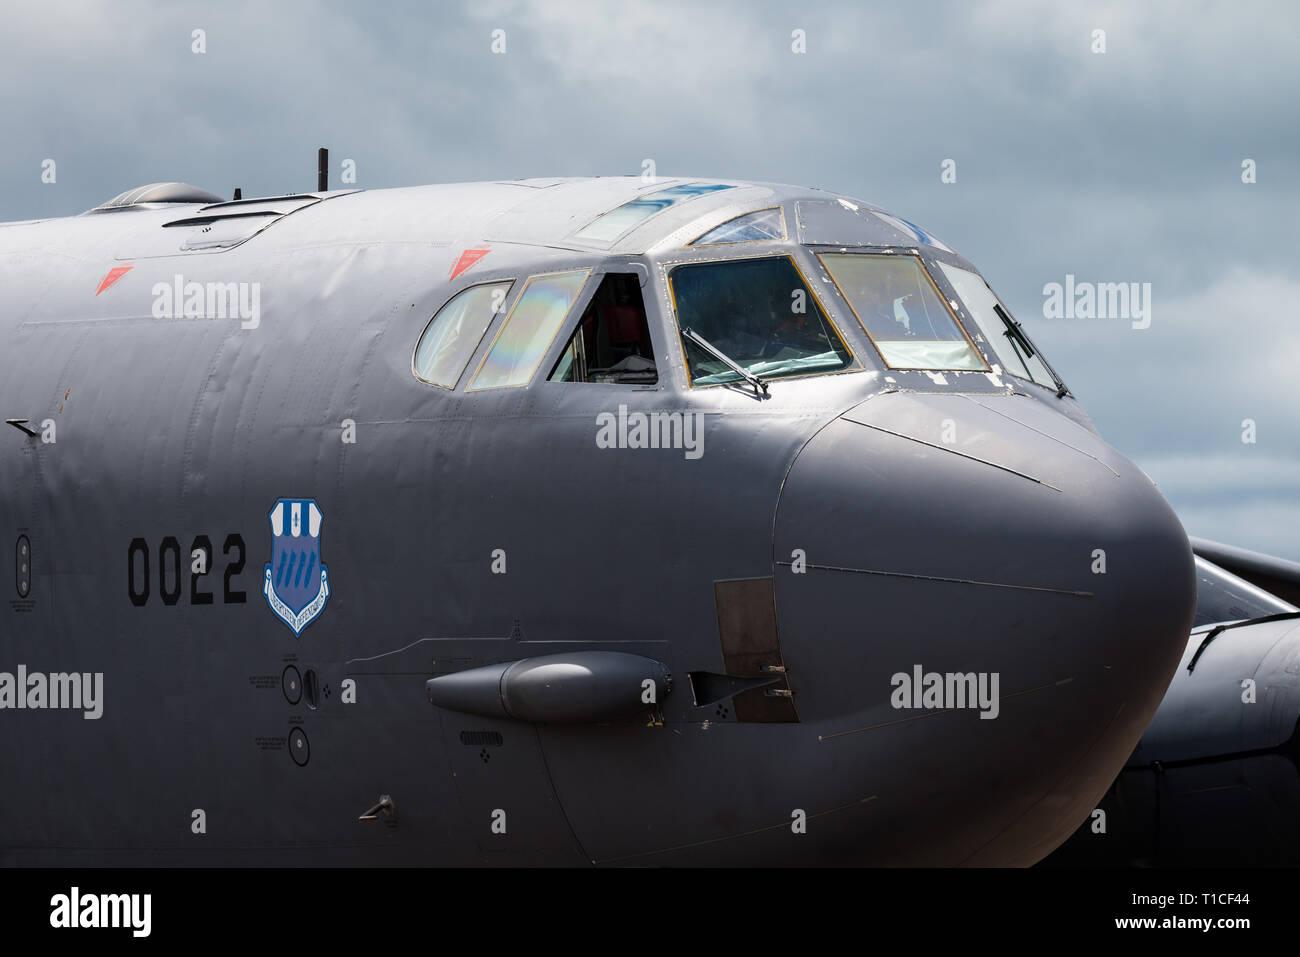 Un Boeing B-52 Stratofortress bombardier stratégique de l'United States Air Force au Royal International Air Tattoo 2017. Banque D'Images